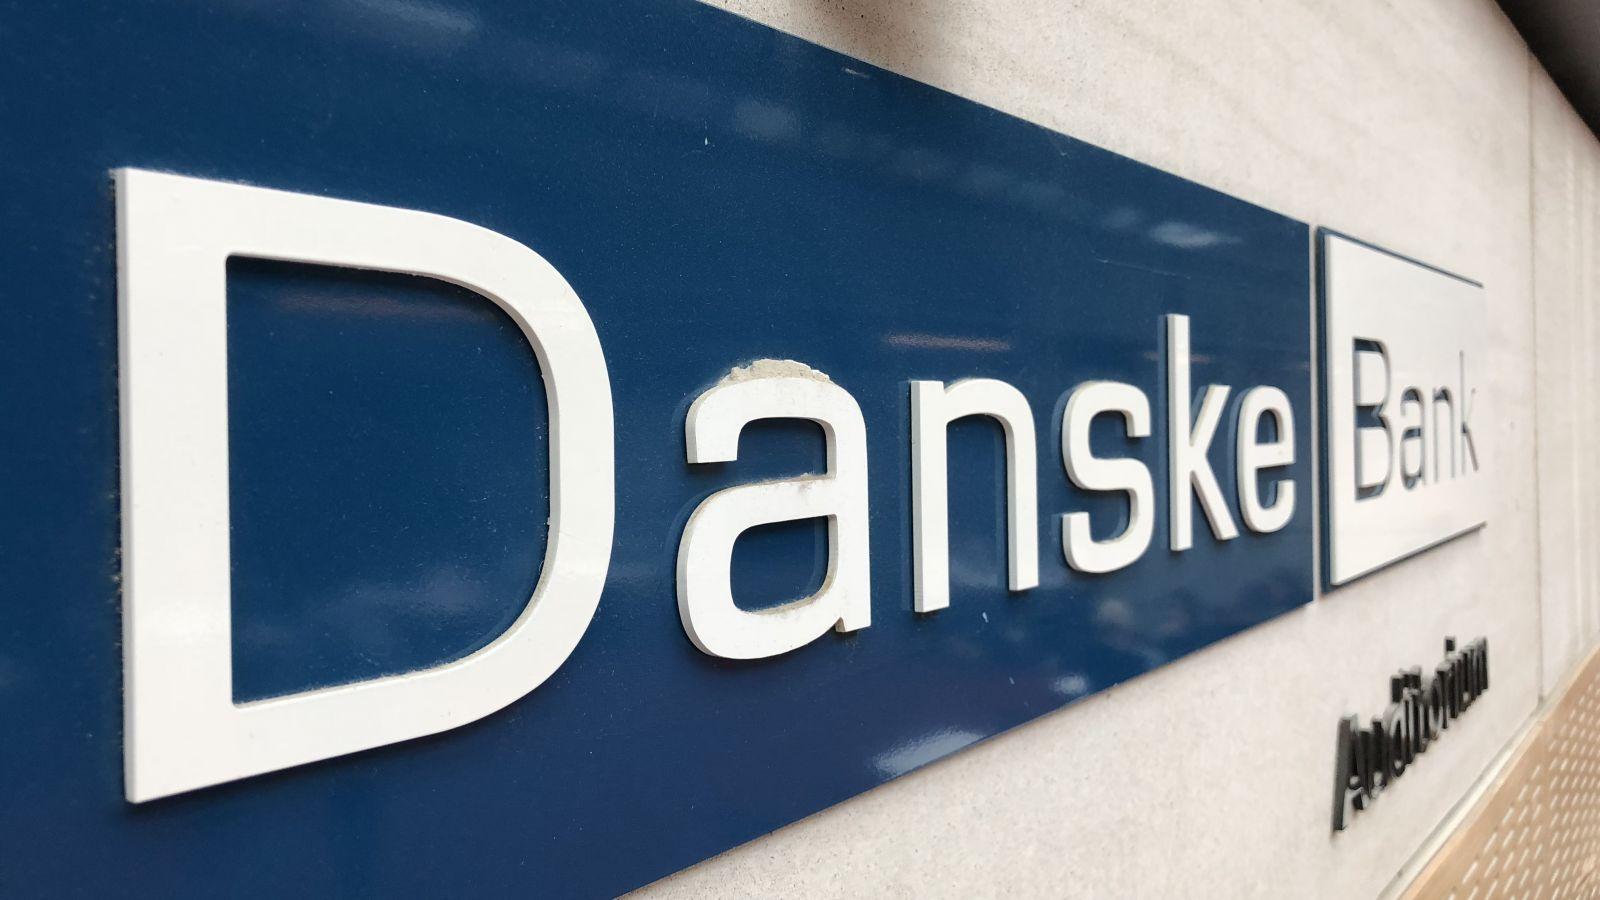 danske bank management